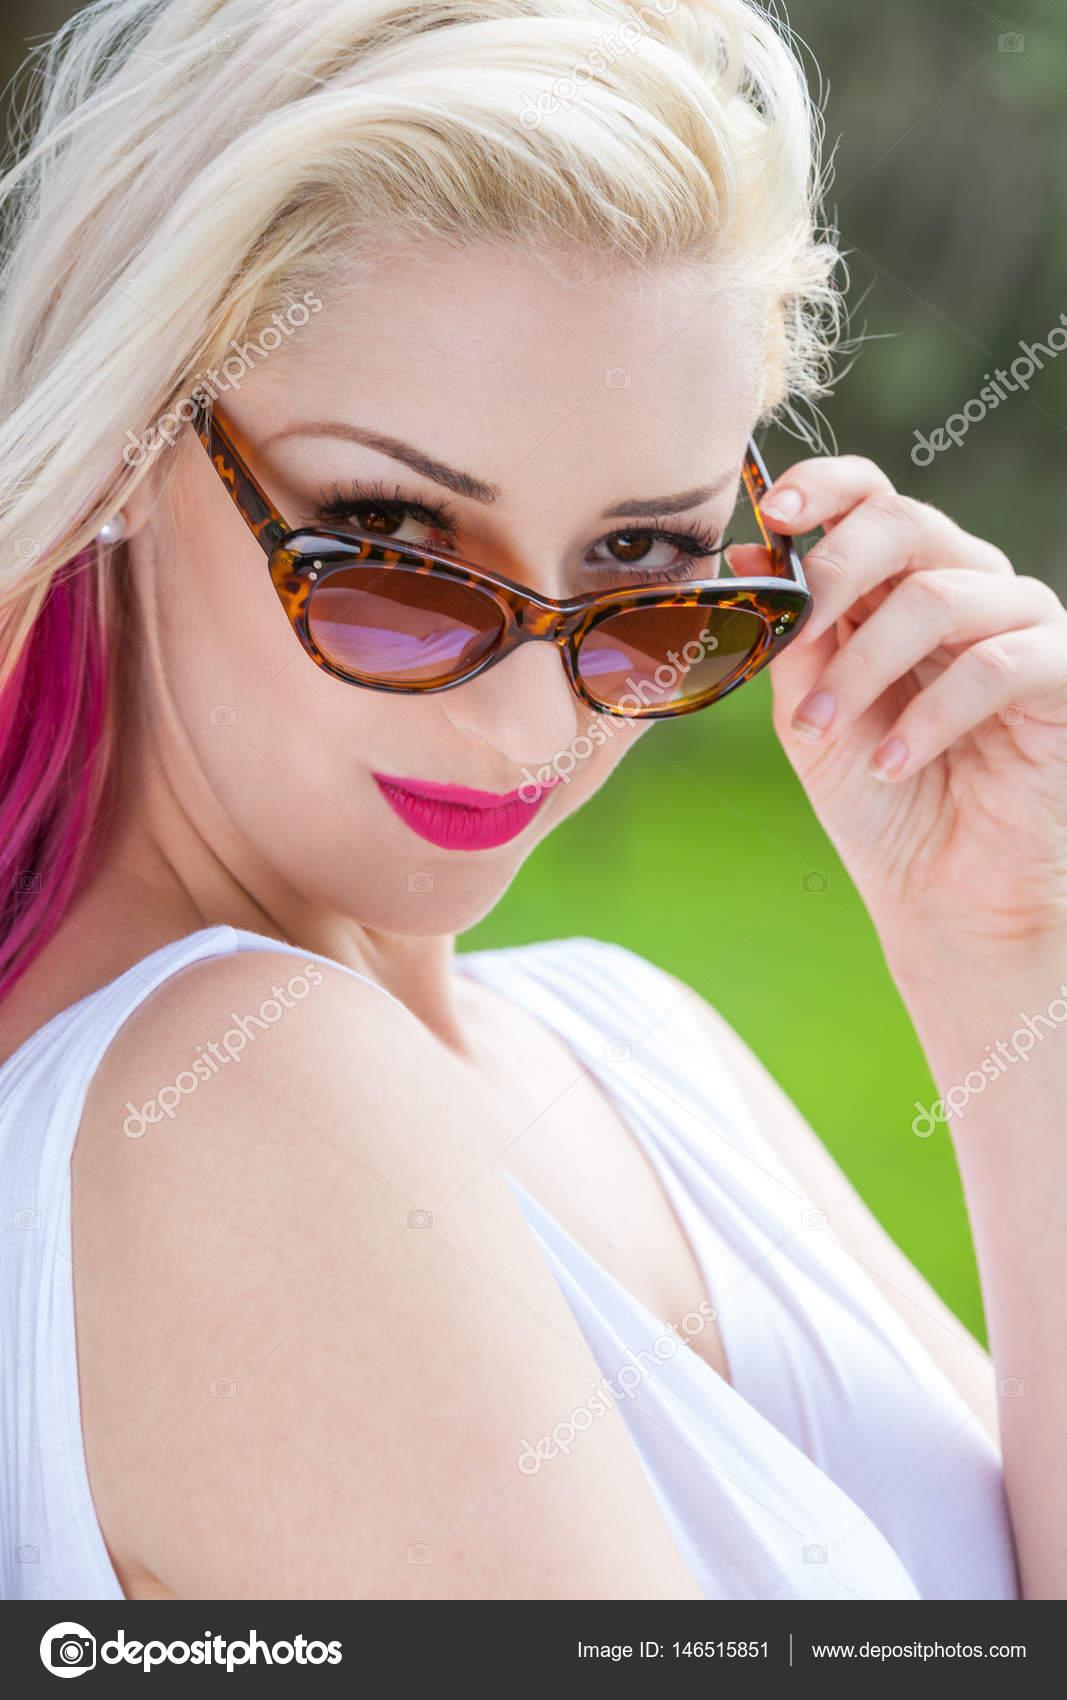 76a1b8770ade1 Mulher loira vestindo óculos de sol lá fora — Stock Photo © dmbaker ...